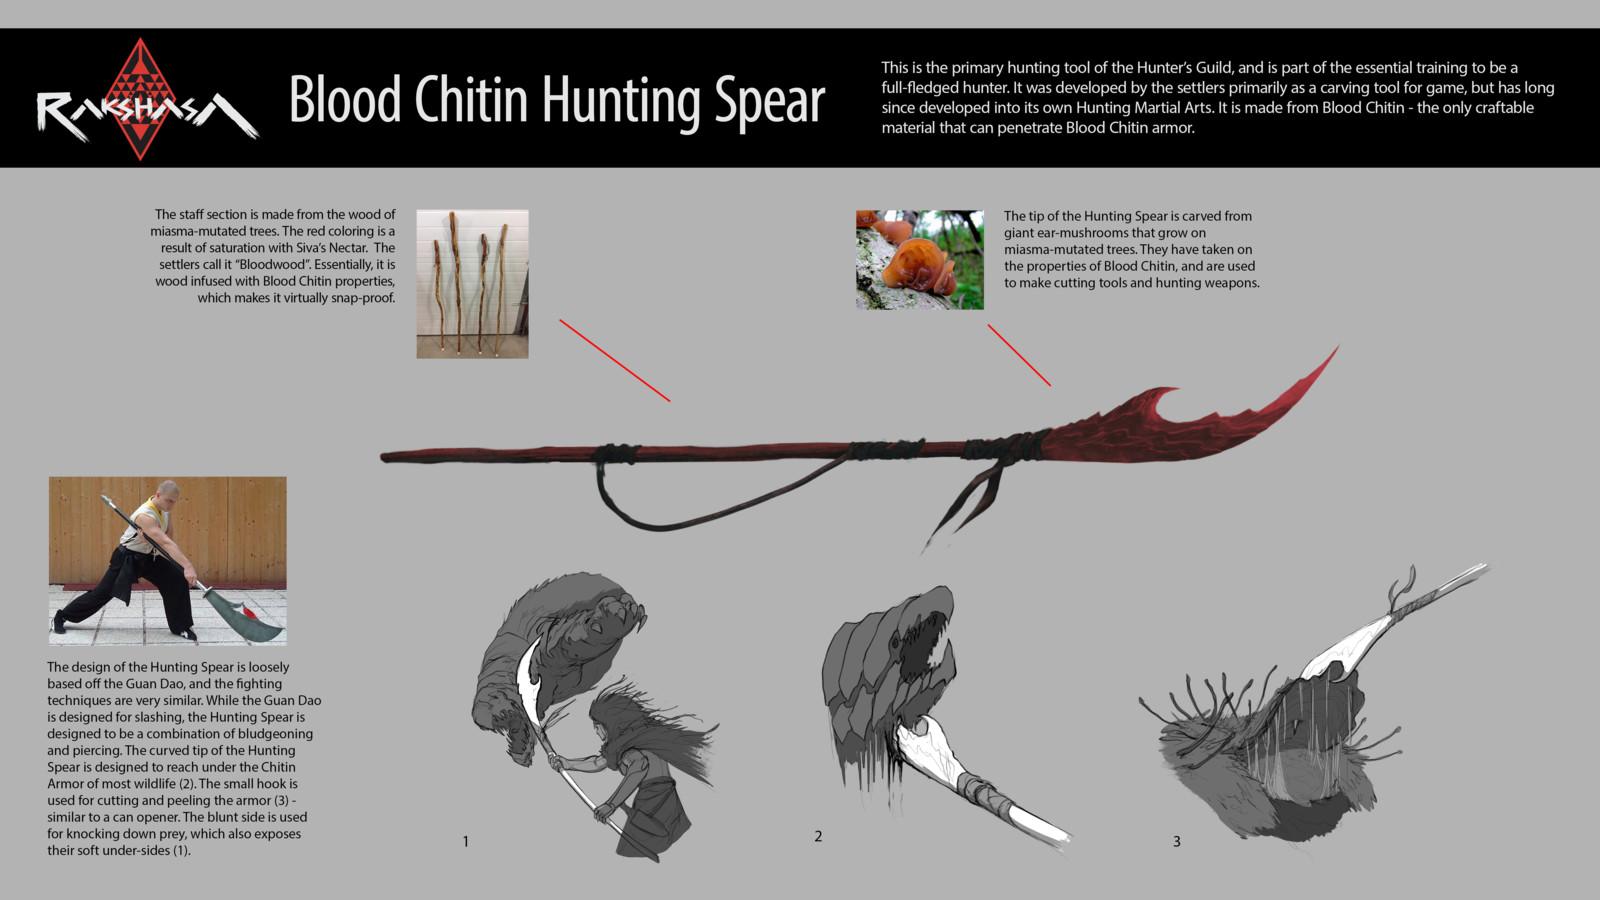 RAKSHASA: Blood Chitin Hunting Spear